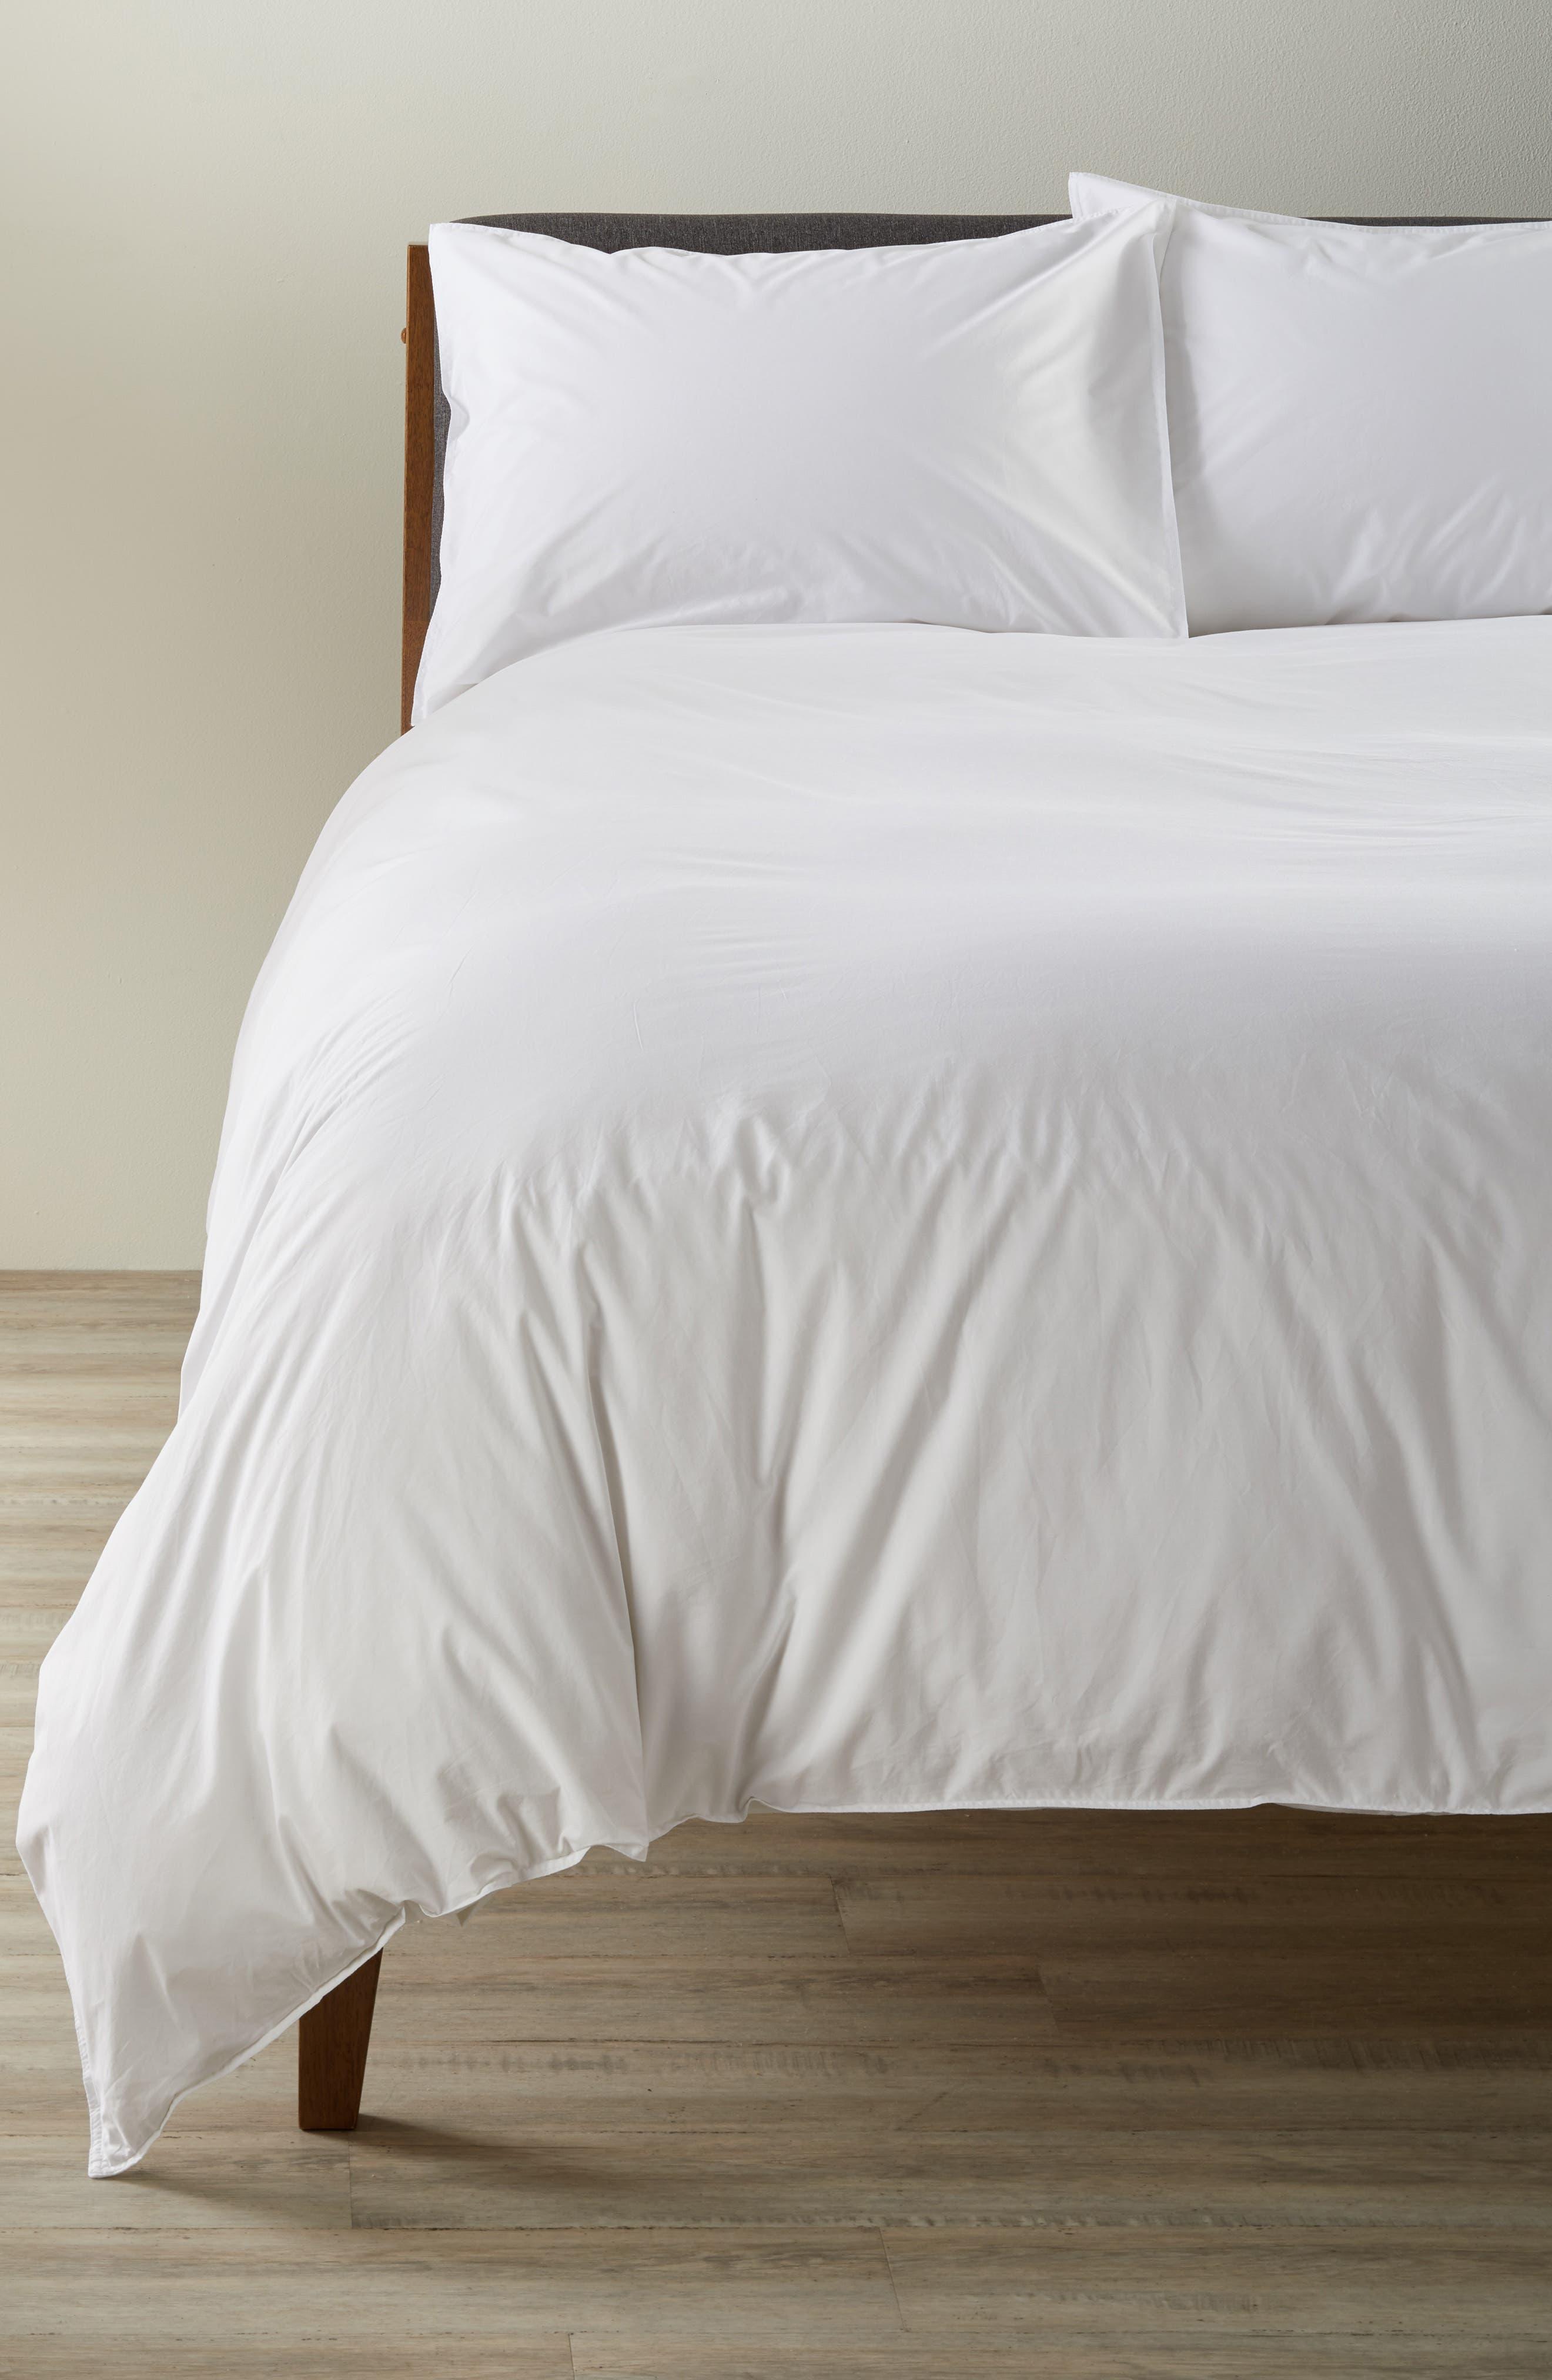 Main Image - Pom Pom at Home Parker Cotton Duvet Cover & Sham Set